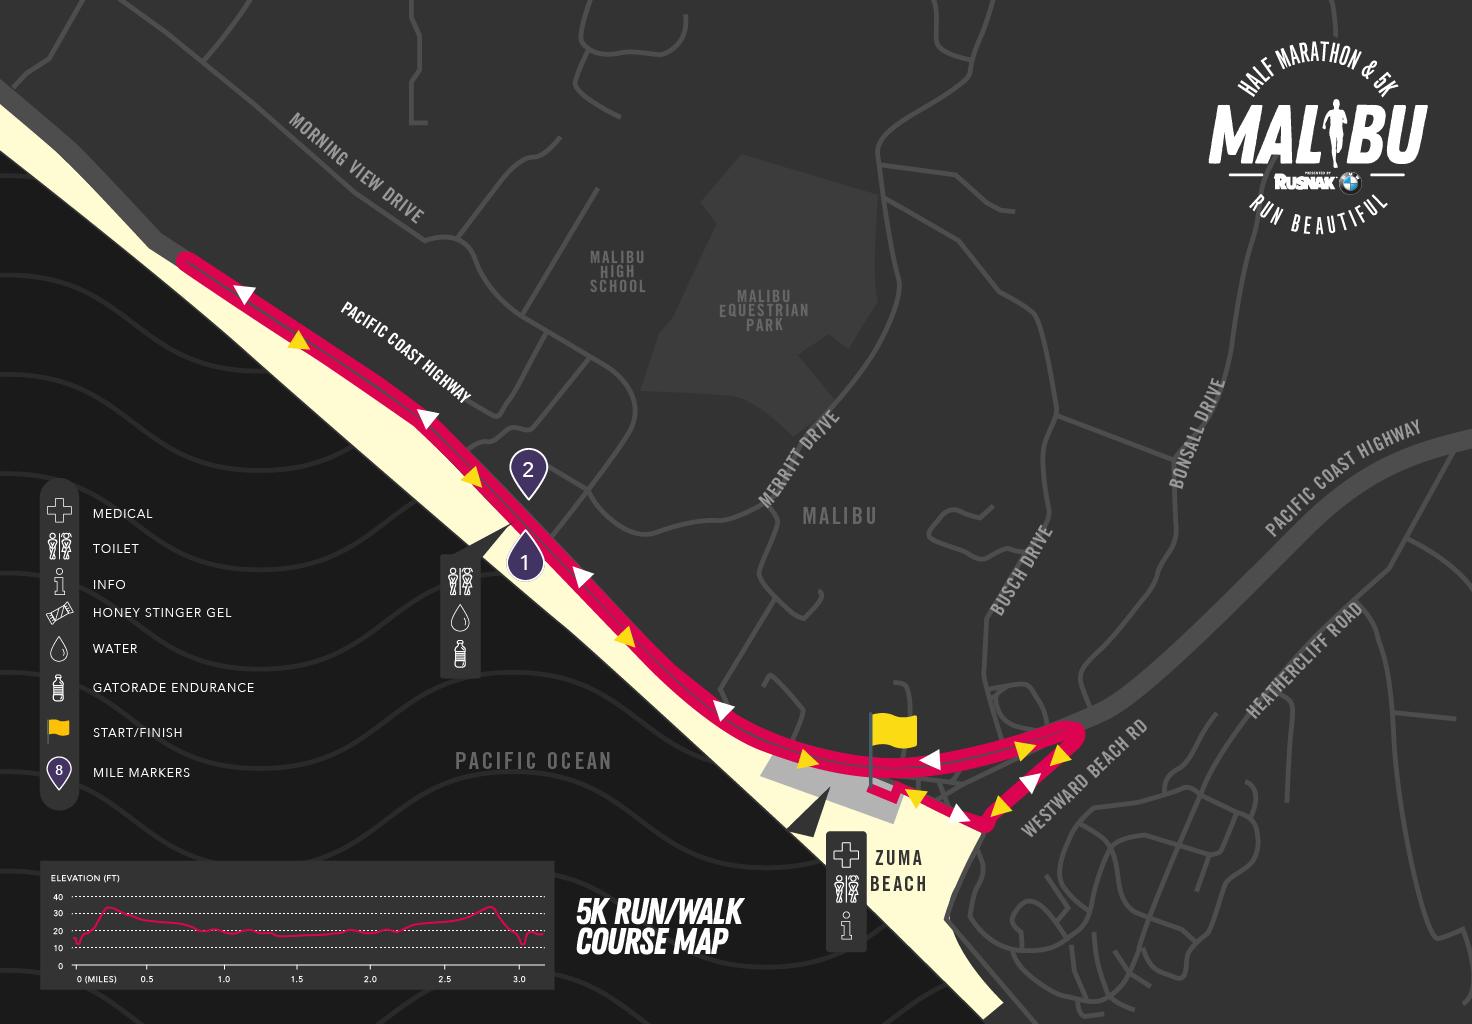 Malibu 5K course map